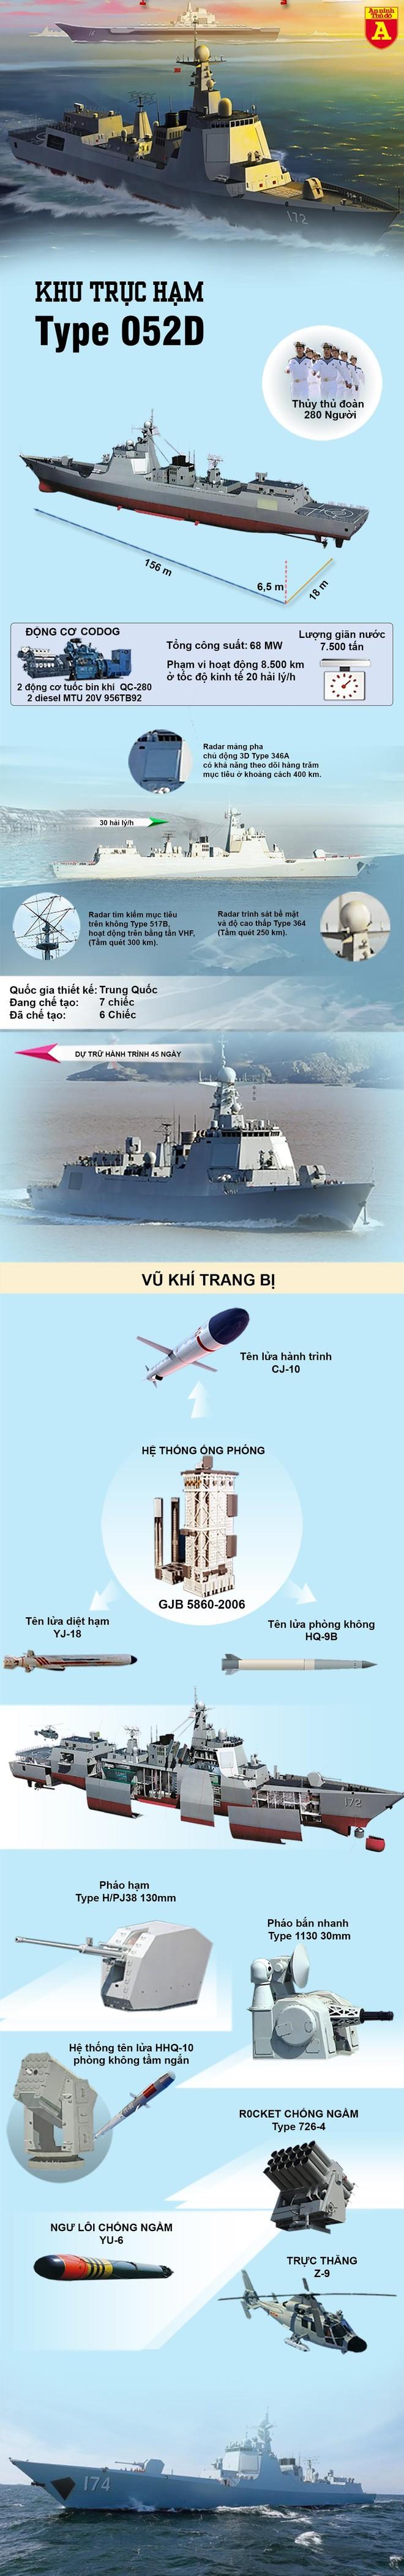 [Info] Chiến hạm mạnh nhất Trung Quốc đi vào vùng đặc quyền kinh tế Mỹ ngoài khơi Alaska ảnh 2